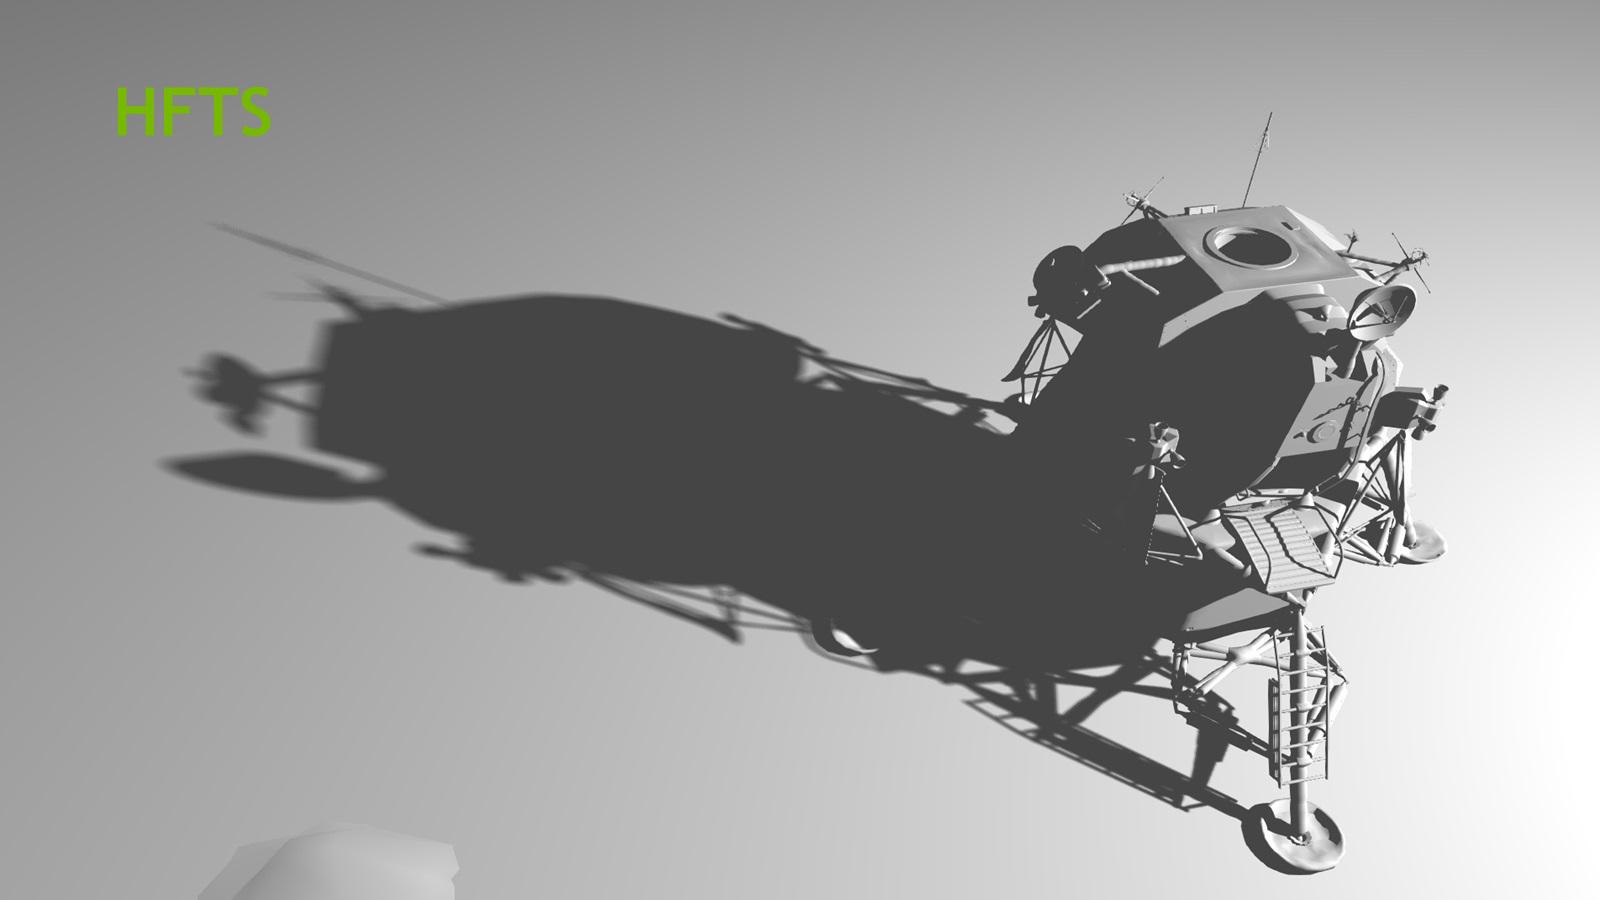 NVIDIA Hybrid Frustum Traced Shadows Raise The Bar For Real